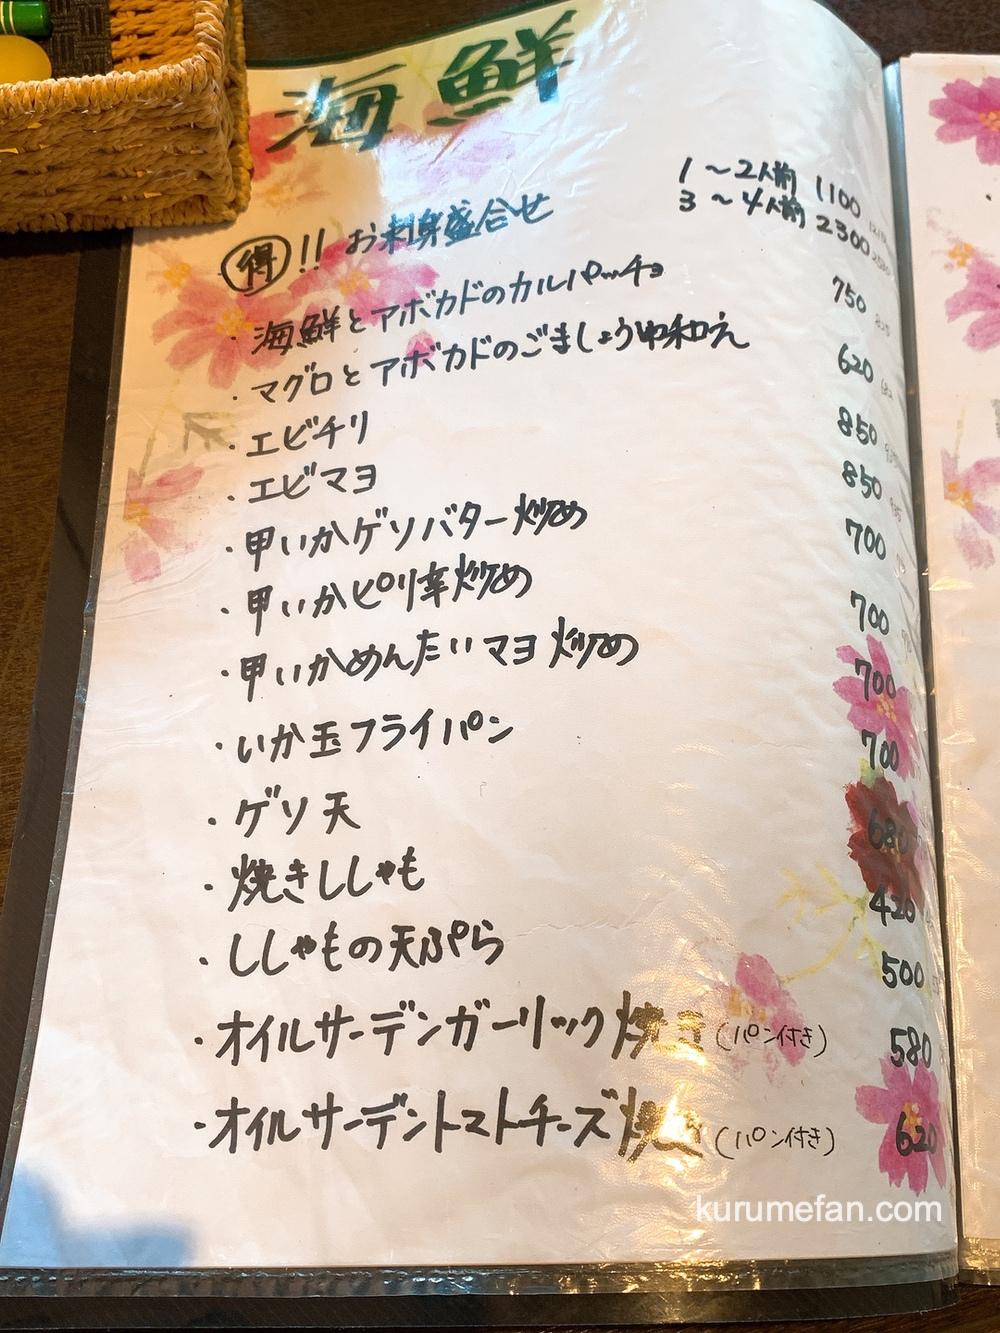 創作食道 花緑(かろく)海鮮メニュー表【久留米市北野町】